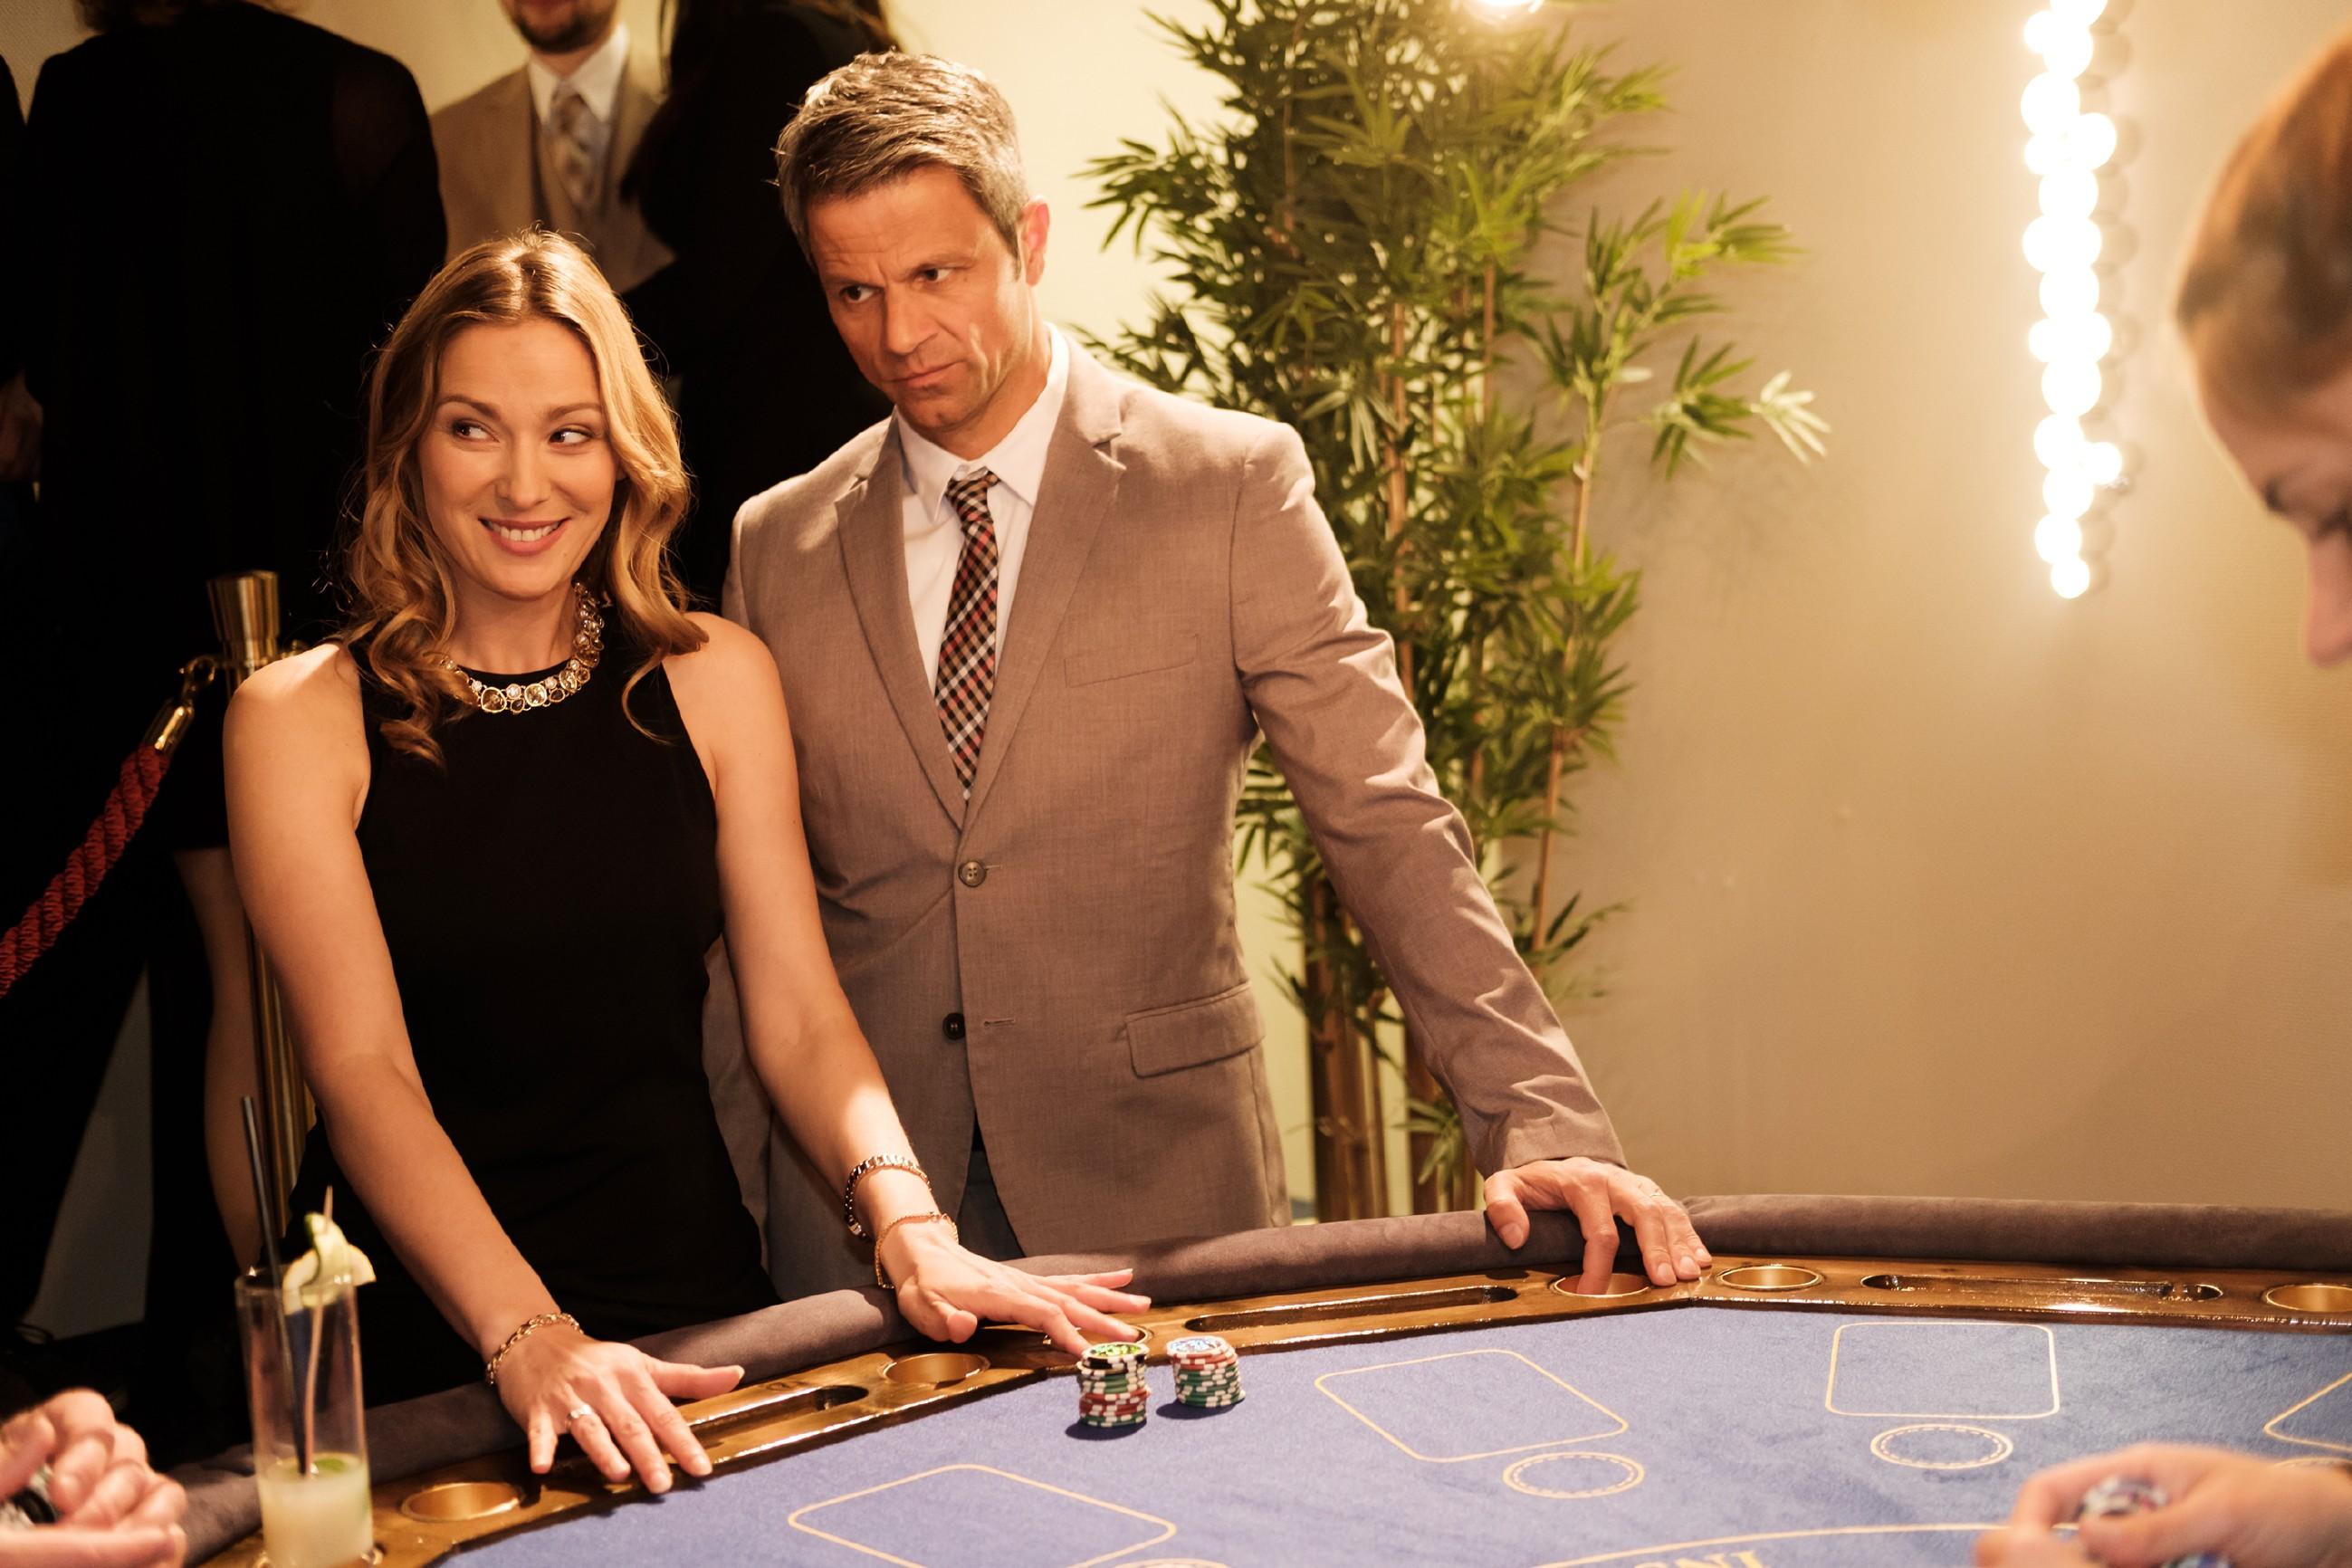 Während Andrea (Astrid Leberti) sich im Casino arglos über ihren Gewinn freut, ist Benedikt (Jens Hajek) etwas befremdet über Andrea's Leidenschaft fürs Glücksspiel... (Quelle: MG RTL D / Stefan Behrens)